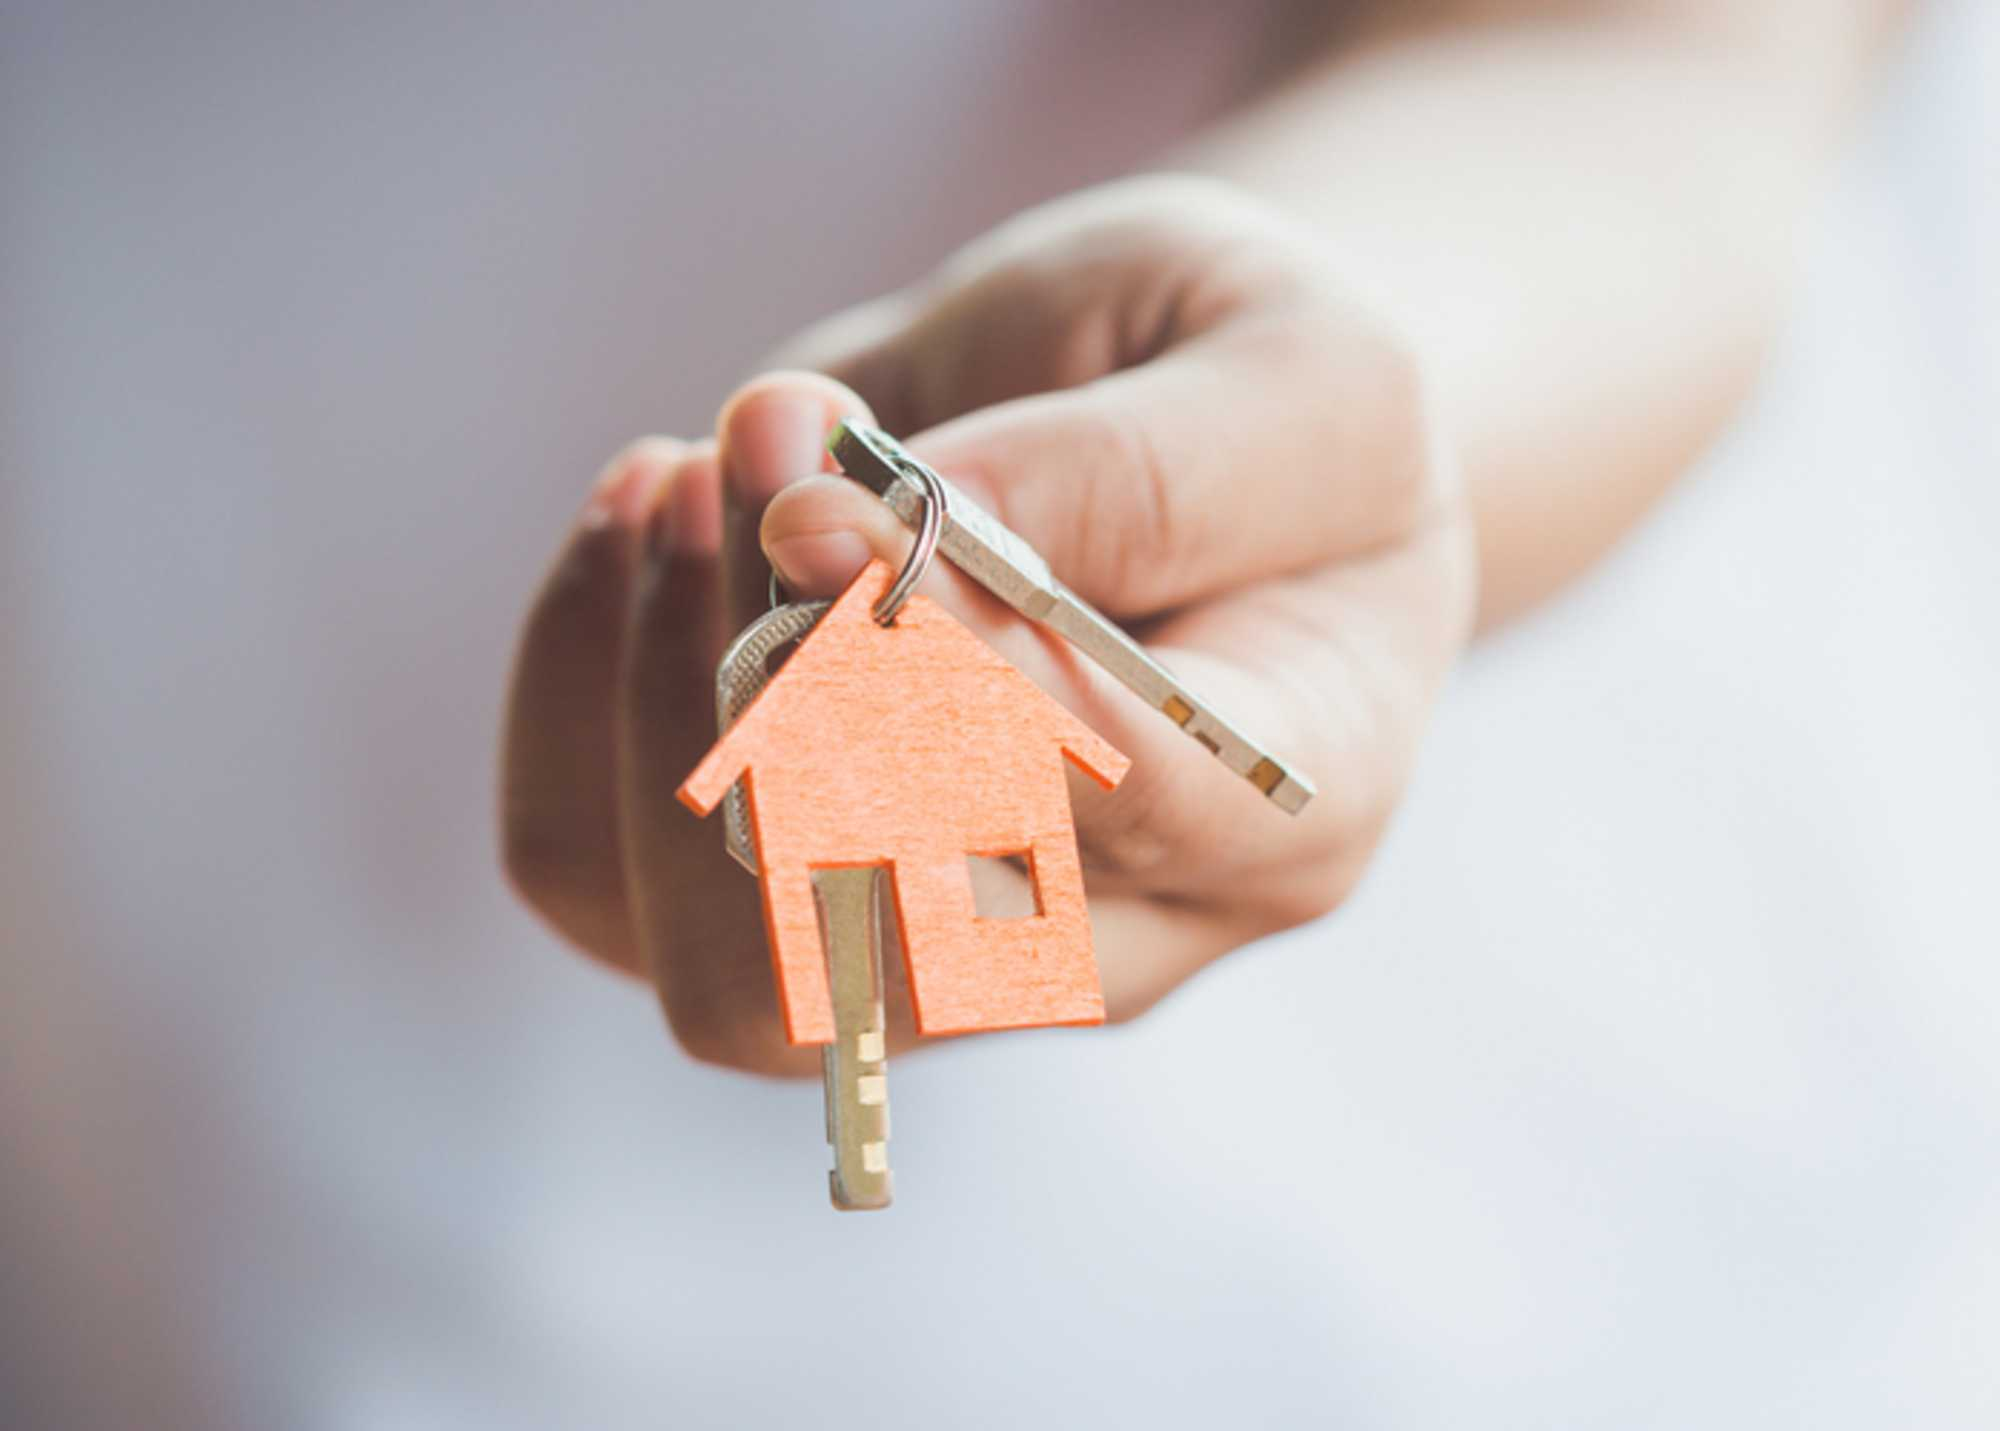 Préstamo hipotecario o un préstamo con garantía hipotecaria